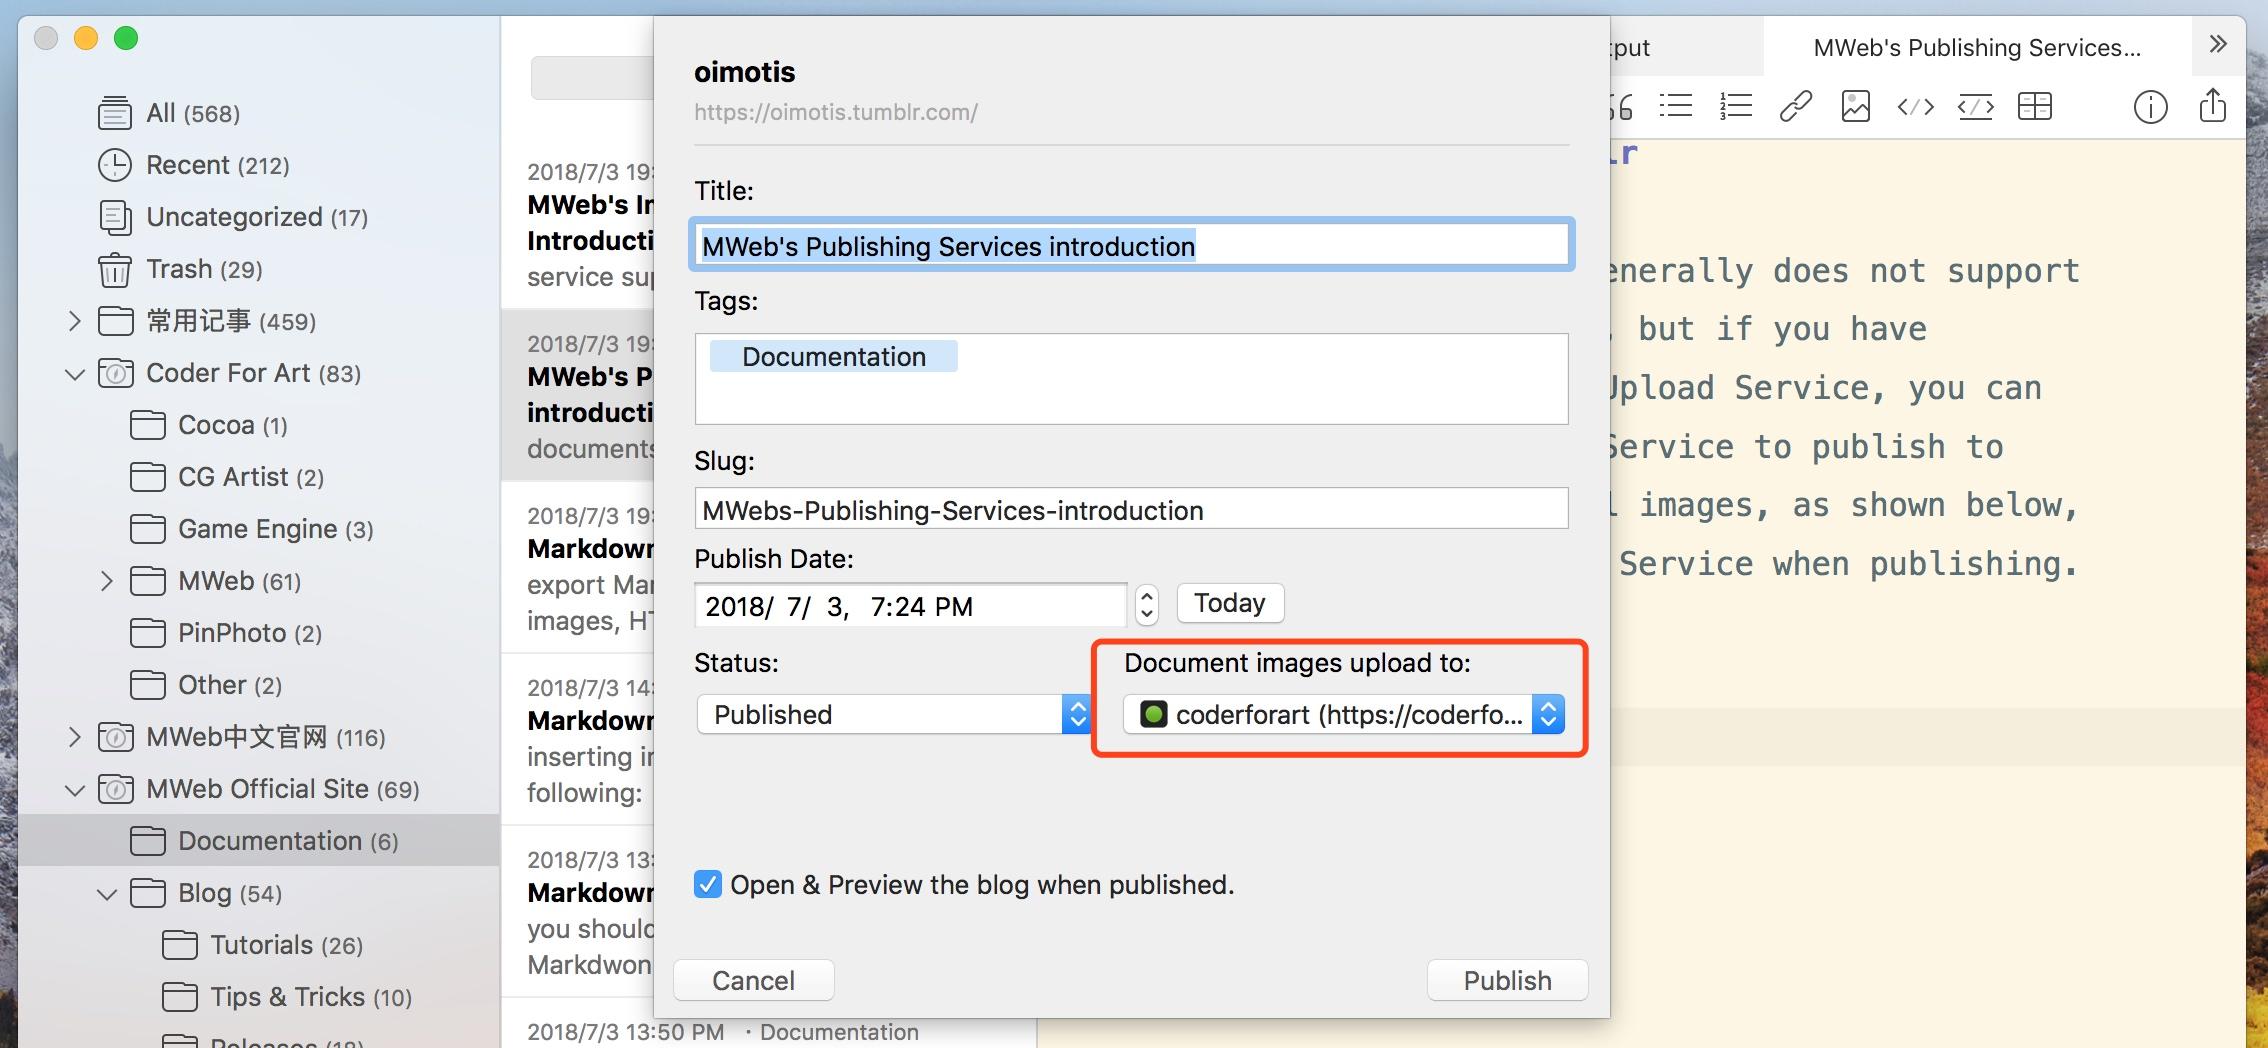 MWeb's Publishing Services introduction - MWeb